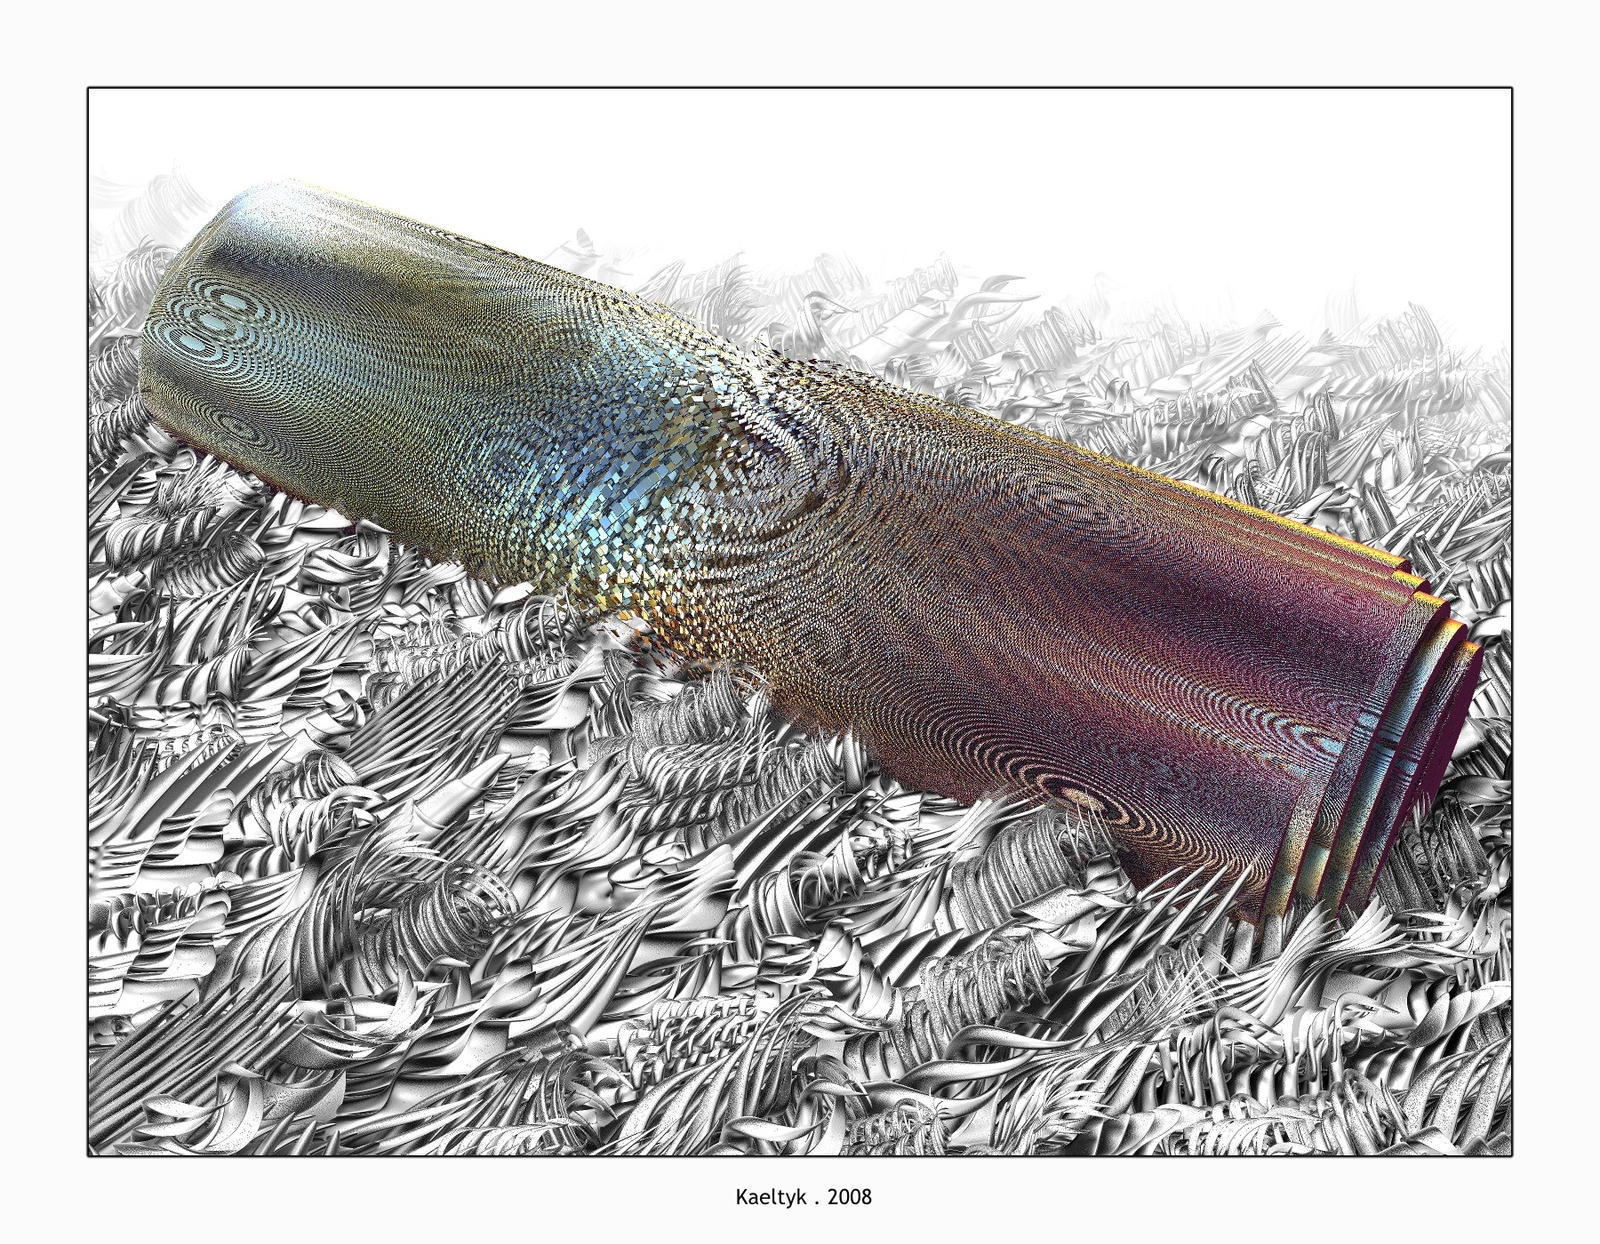 Nanotube by Kaeltyk